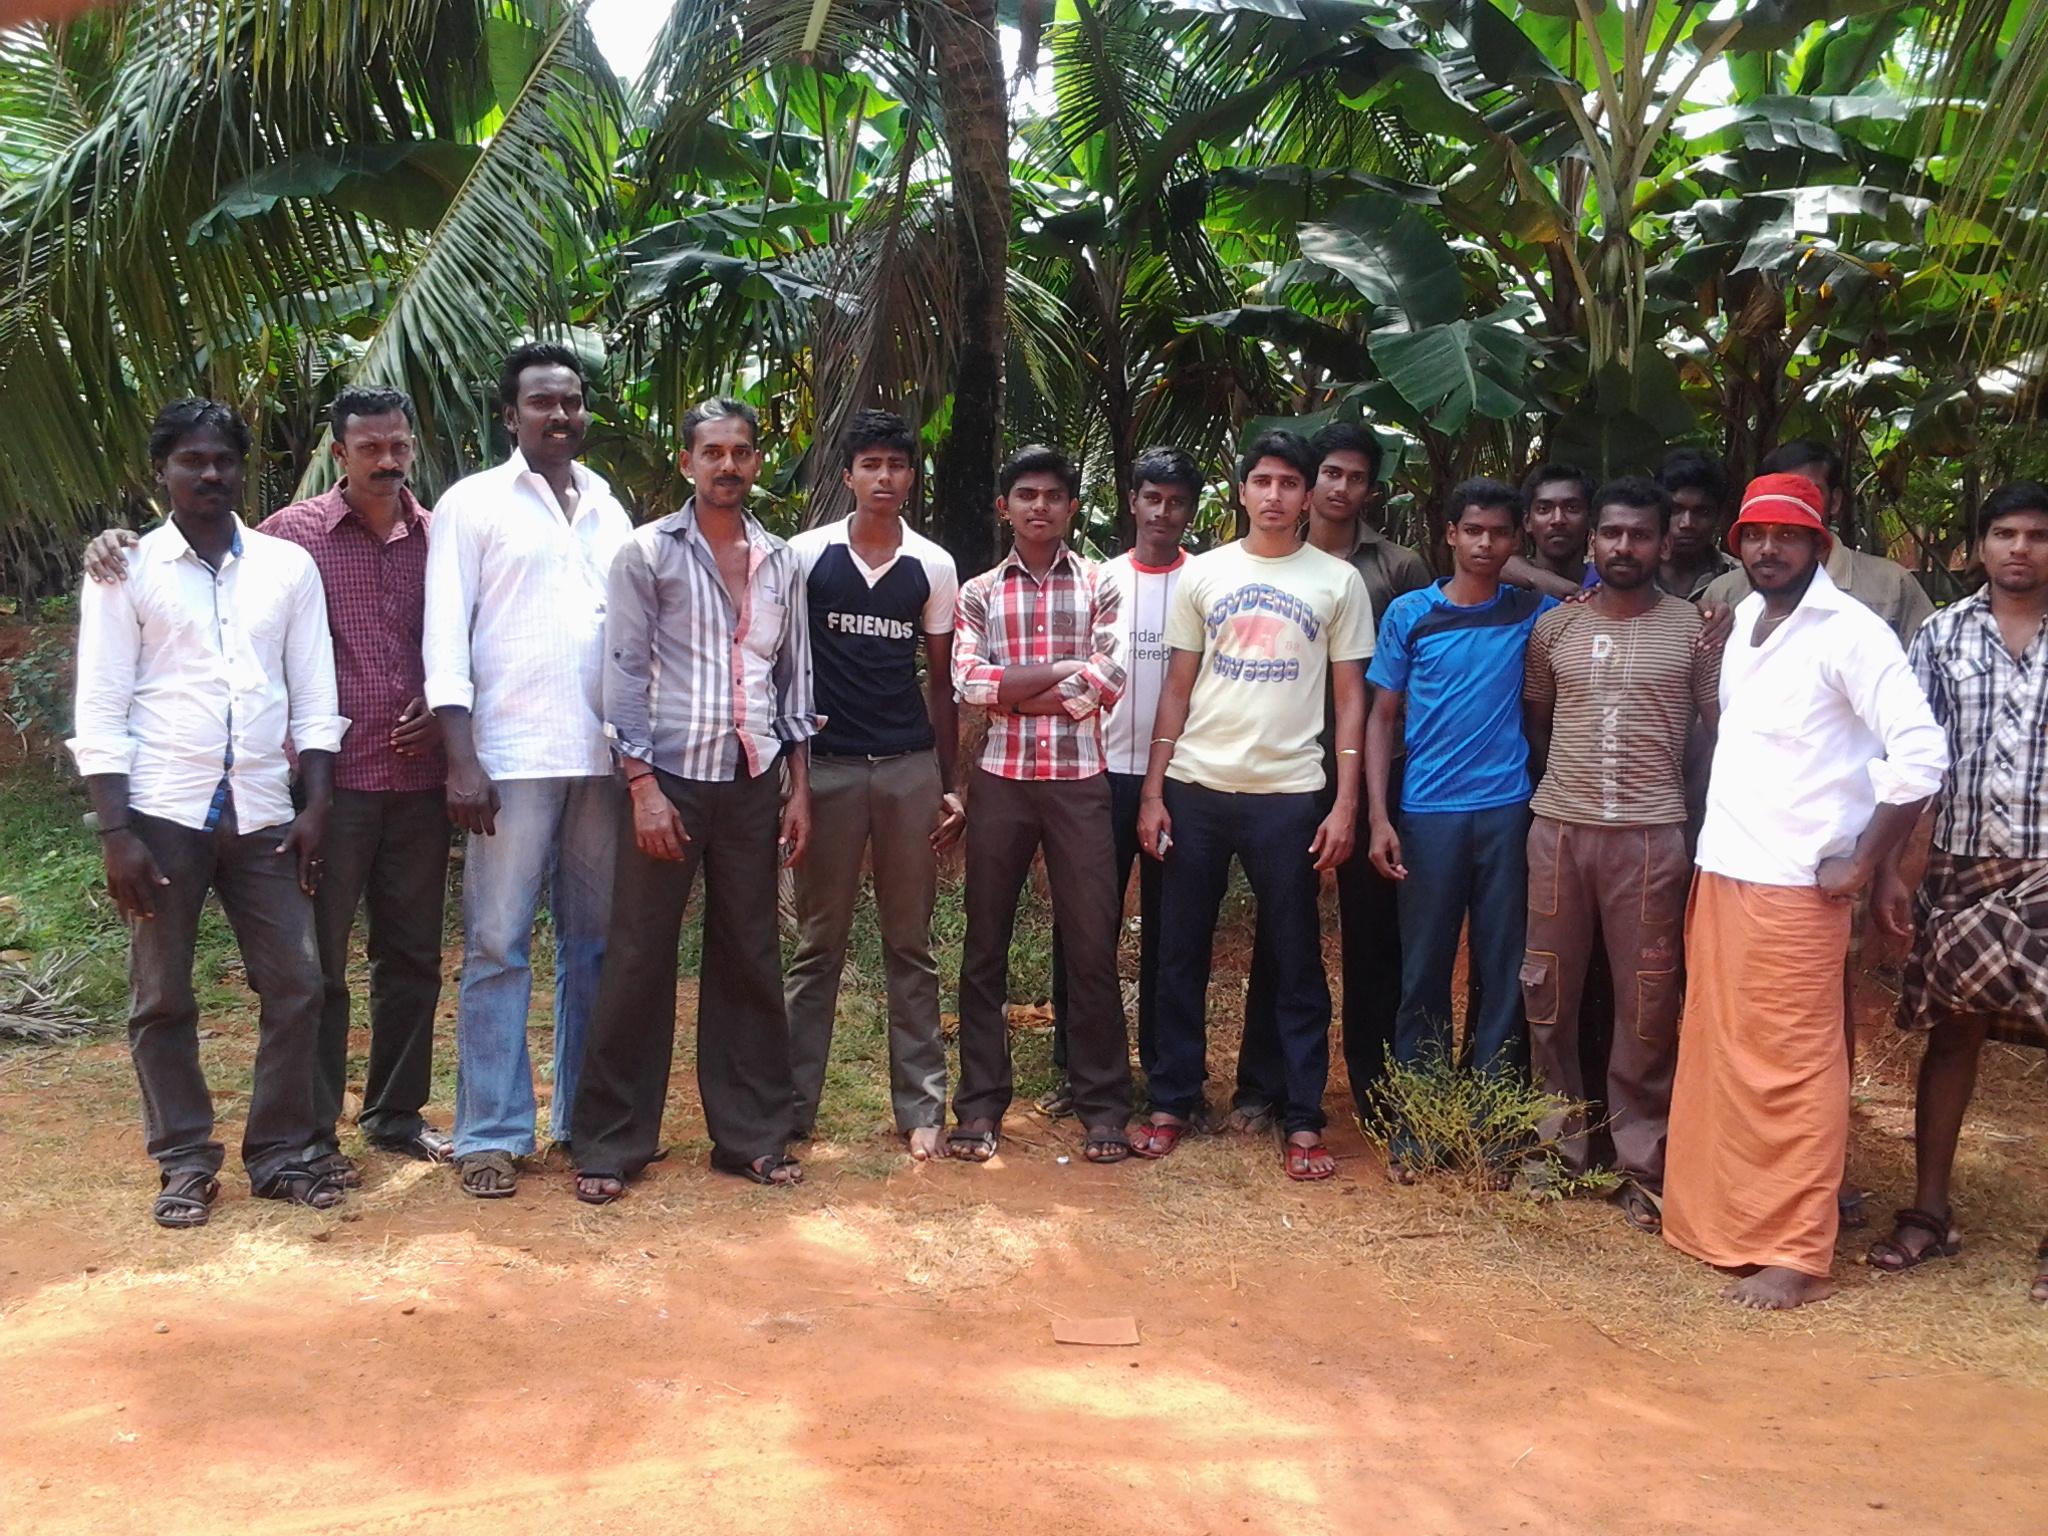 கன்னியாகுமாரி மாவட்டம் குருந்தன்கோடு ஒன்றியம் மண்டைக்காடு பேரூராட்சி மண்டைக்காடு கிராமத்தில் (13/10/2013) புதிய உறவுகள் சந்திப்பும் கலந்தாய்வும் நடைபெற்றது. 20131013 112307